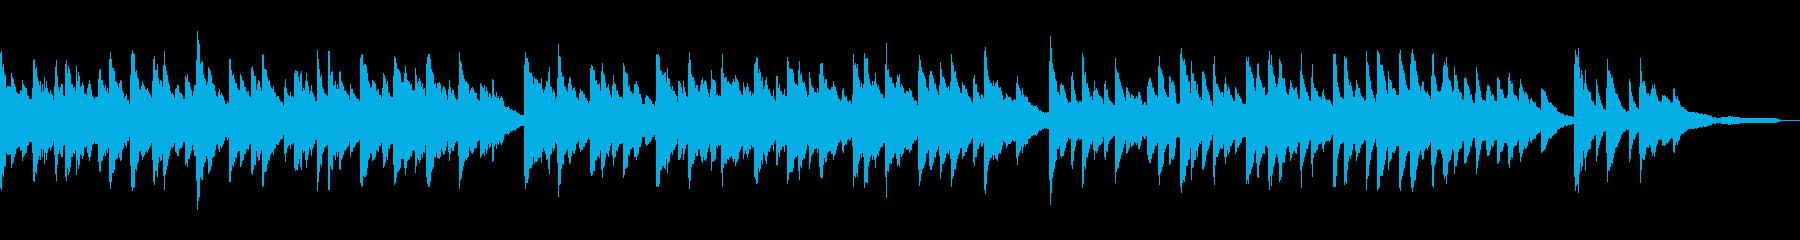 3拍子のゆったりピアノバラードの再生済みの波形